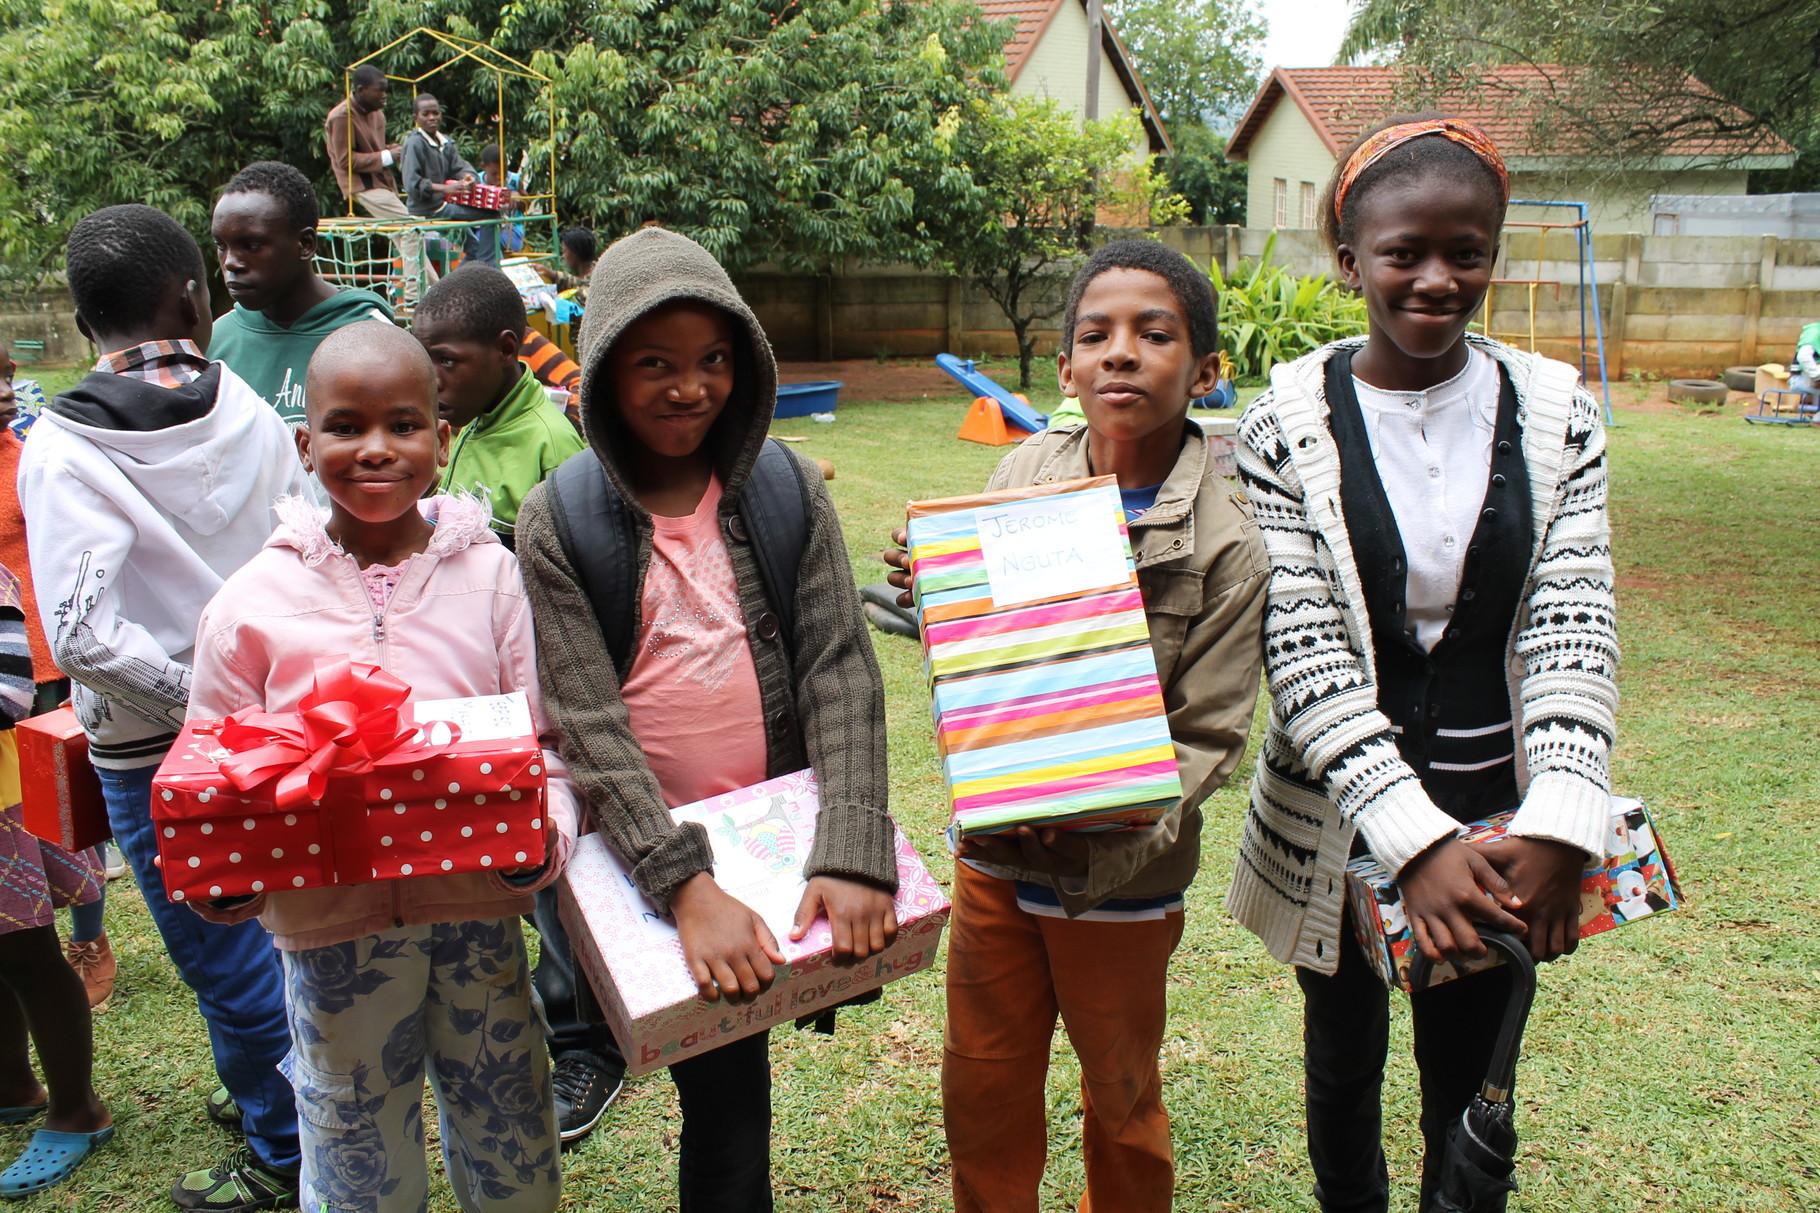 Waisenkinder mit Weihnachtsgeschenken